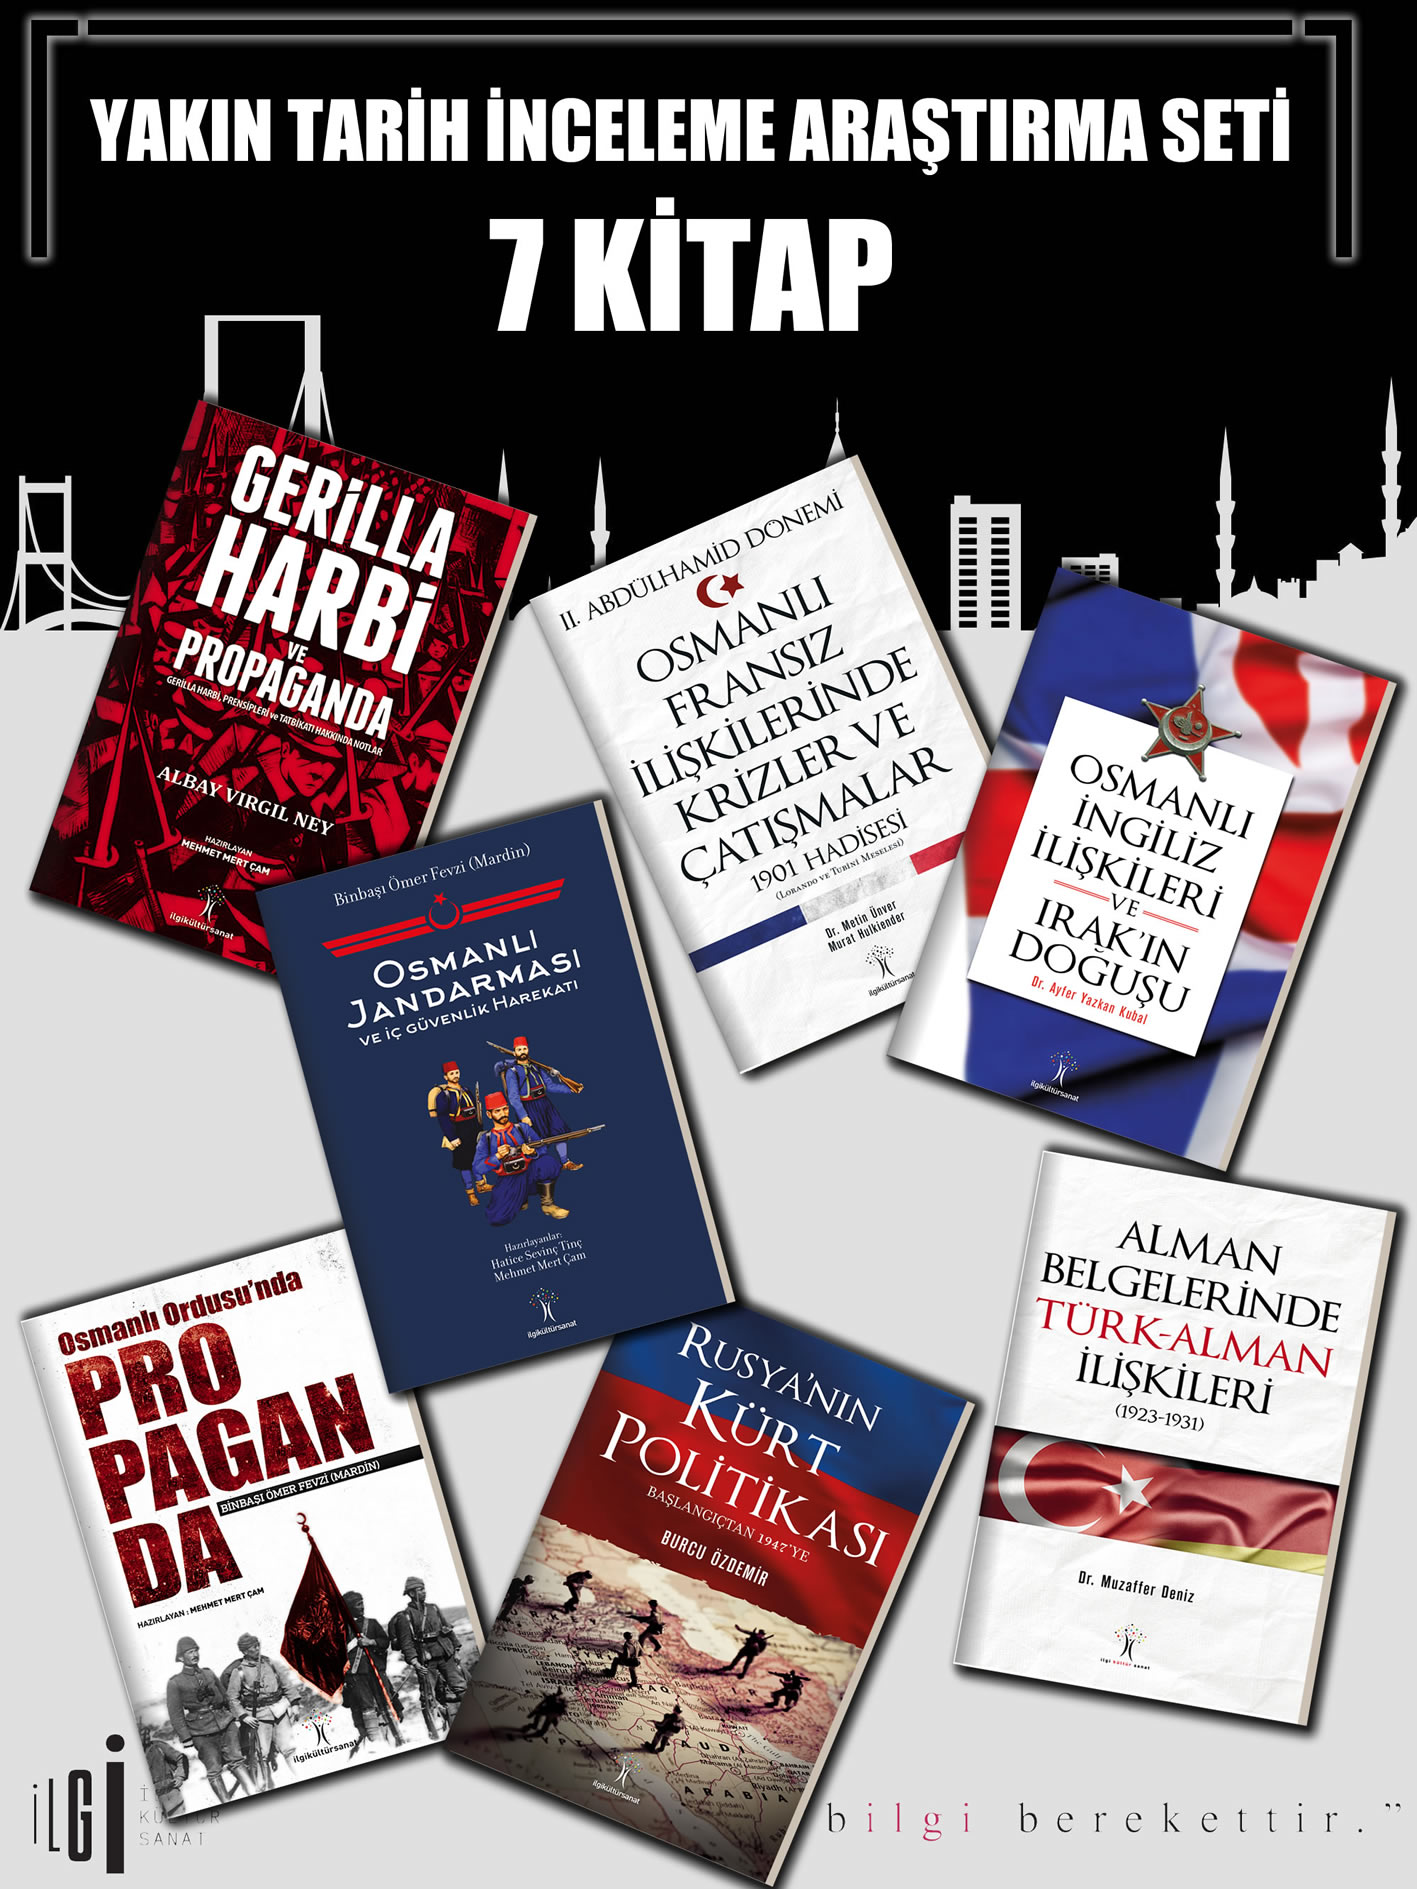 Yakın Tarih İnceleme Araştırma Seti 7 Kitap